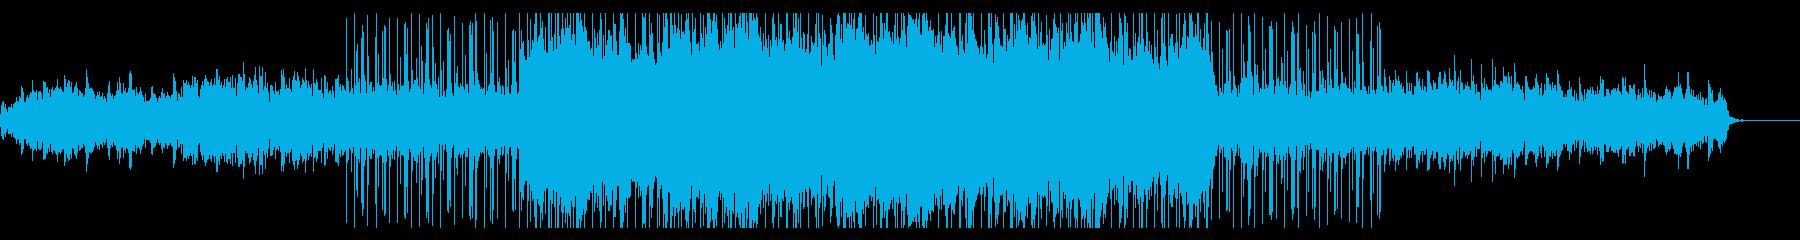 アンビエントなchill hopの再生済みの波形